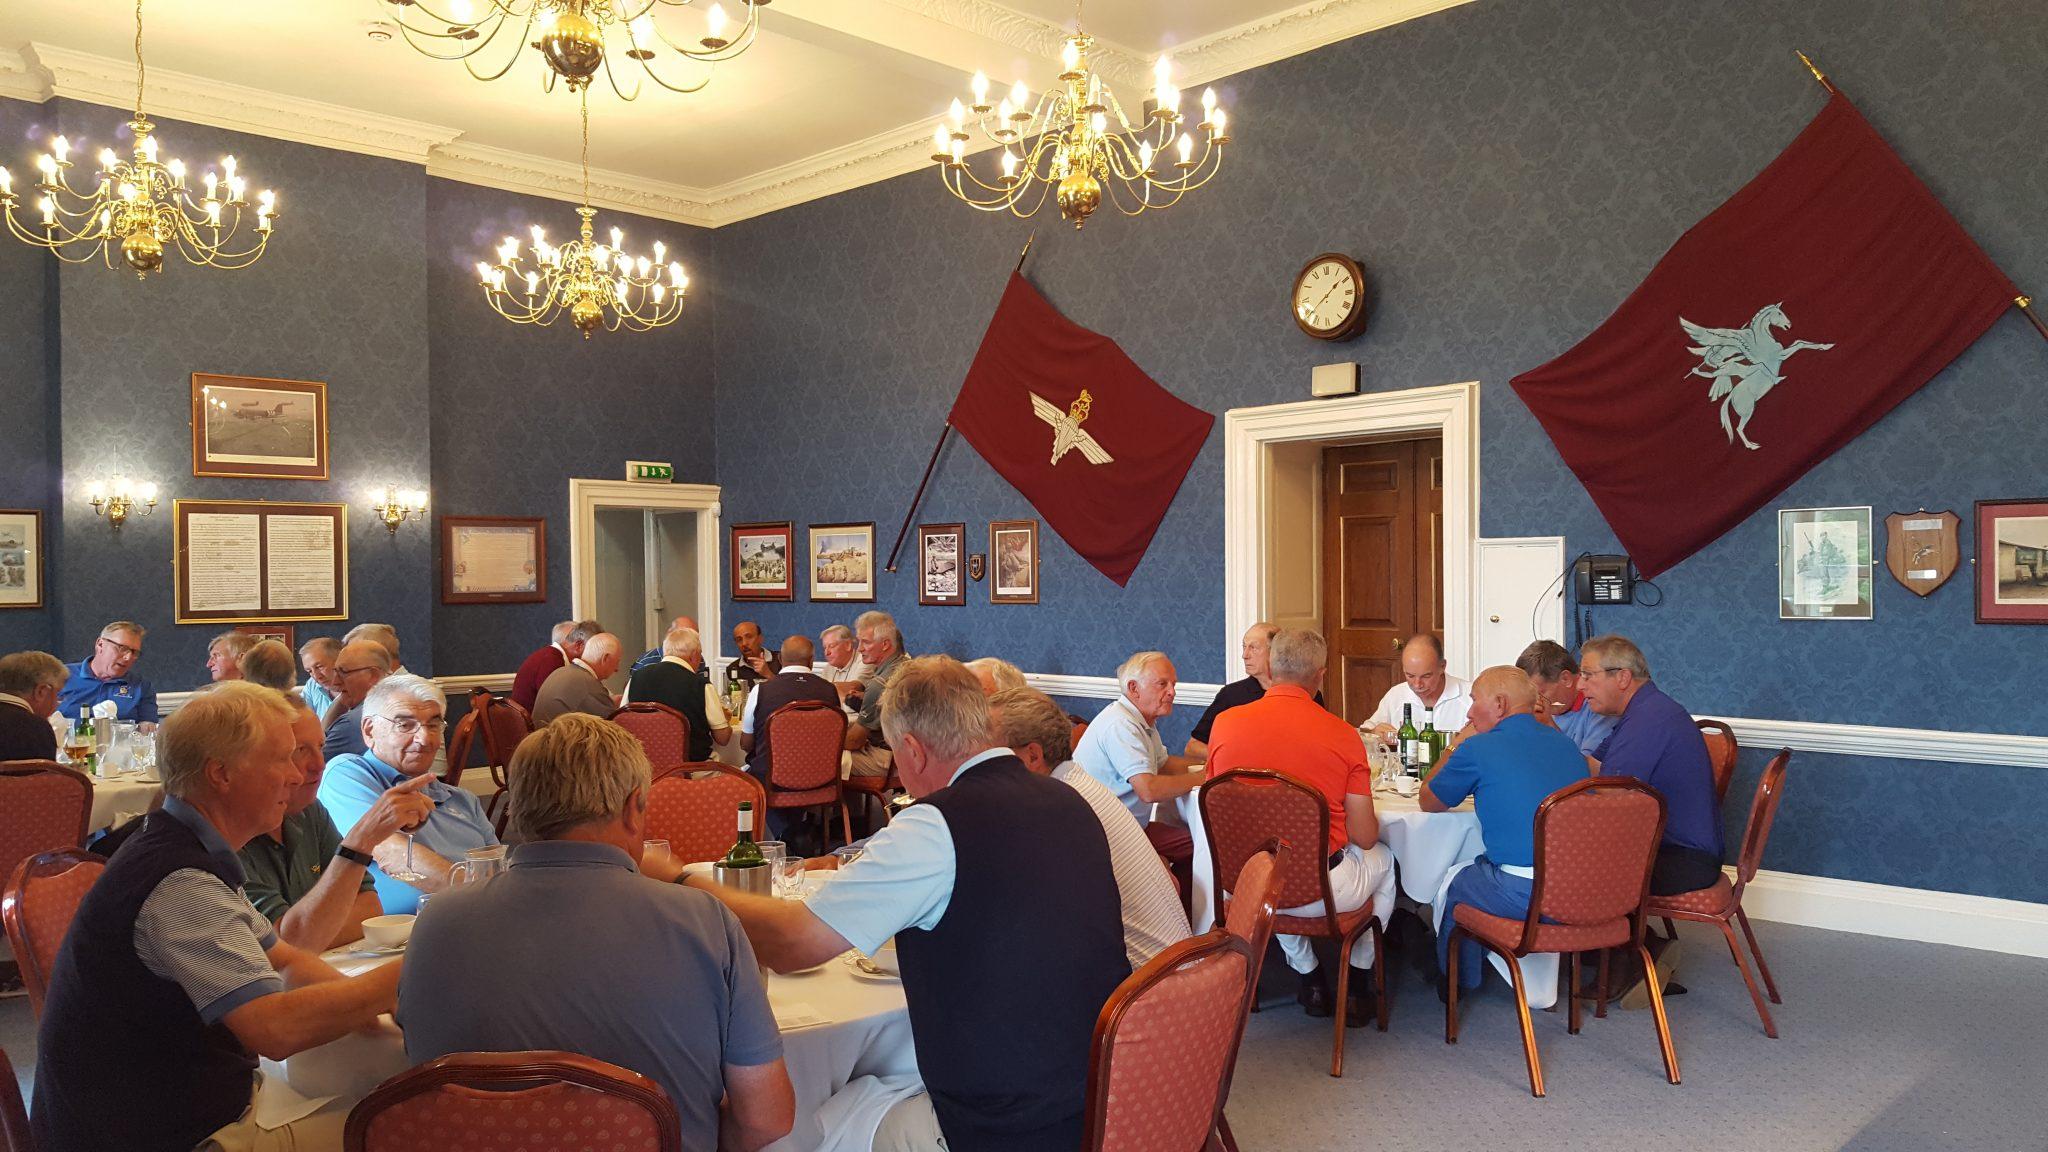 The Arnhem Room at Moor Park